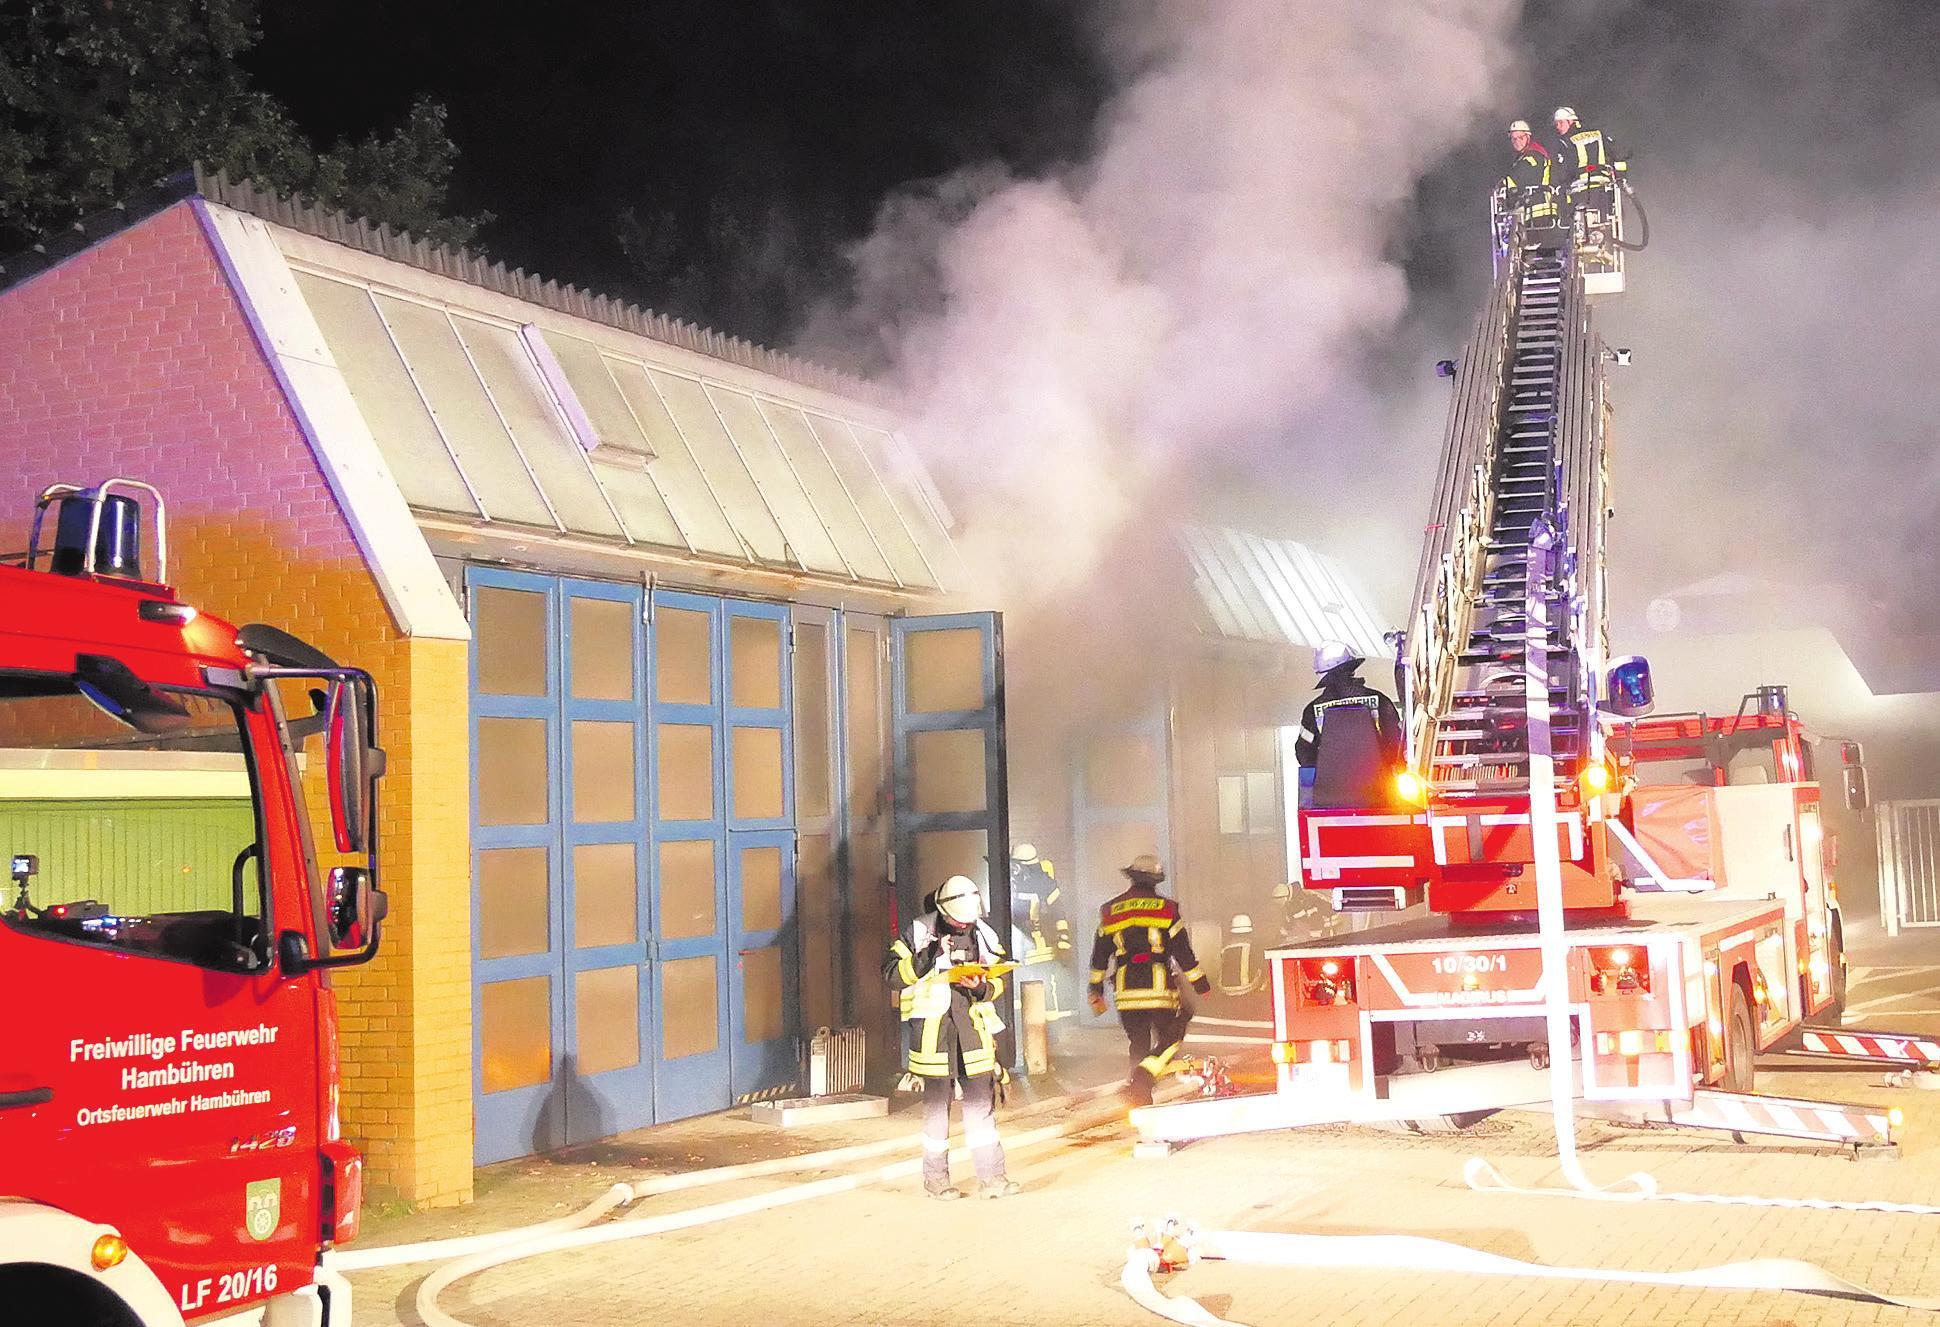 Die Einsatzkräfte der Feuerwehr hatten bei der Übung mehrere Aufgaben abzuarbeiten. Foto: Feuerwehr Celle